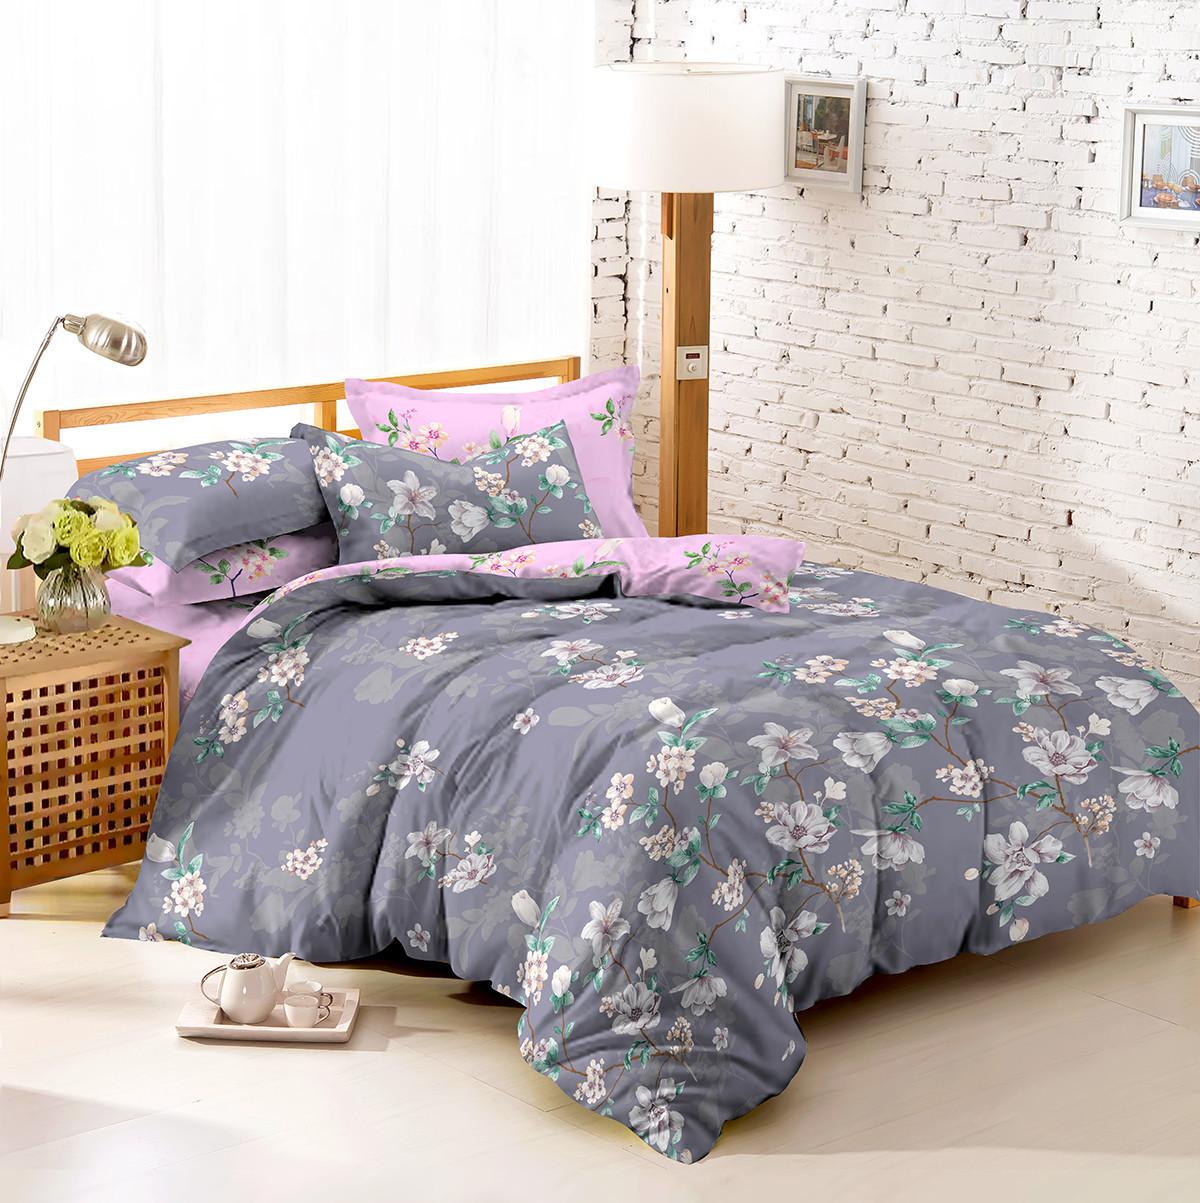 Двуспальный комплект постельного белья 180*220 сатин (7475) TM KRISPOL Украина